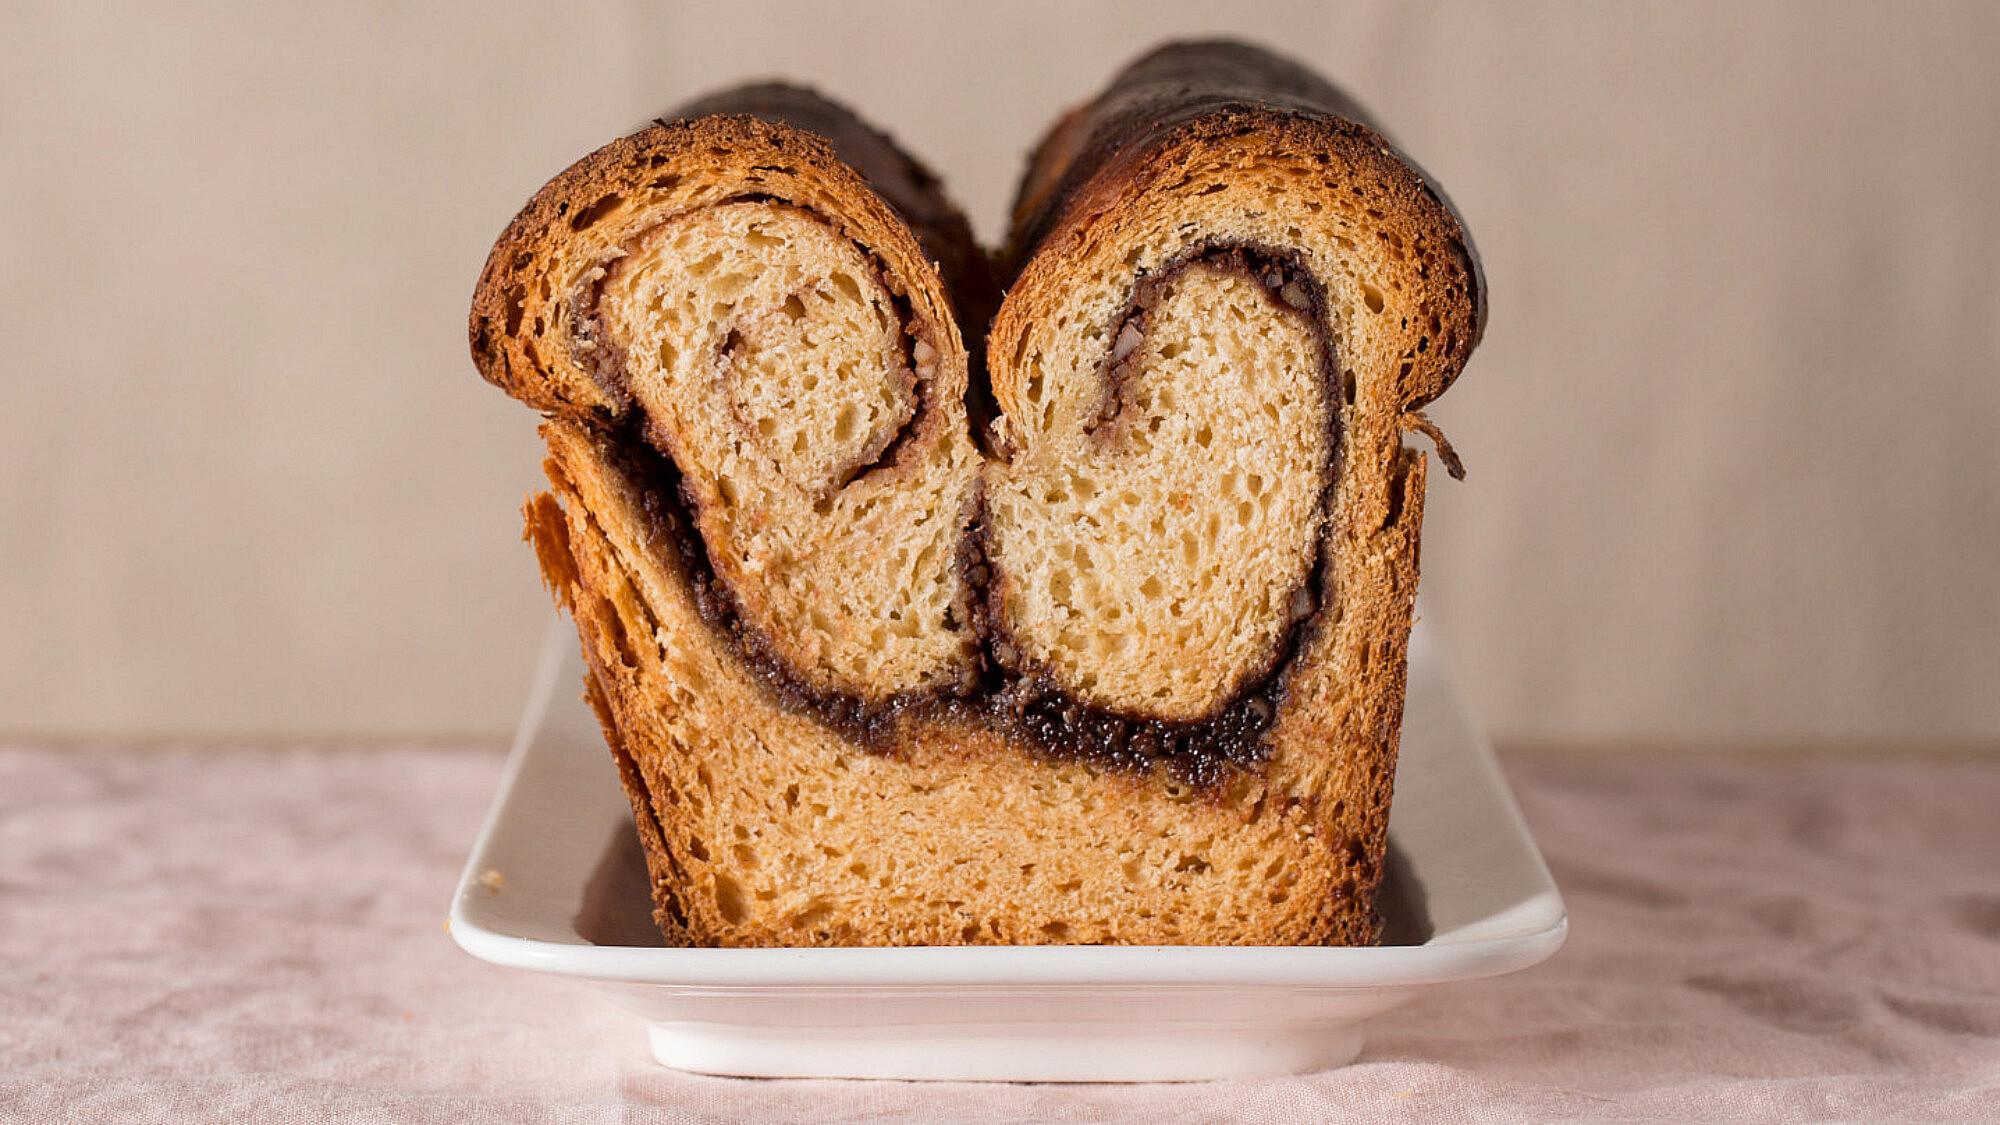 עוגת שמרים קוזונק של קרן אגם. צילום: דניאל שכטר. סטיילינג: גיא כהן.